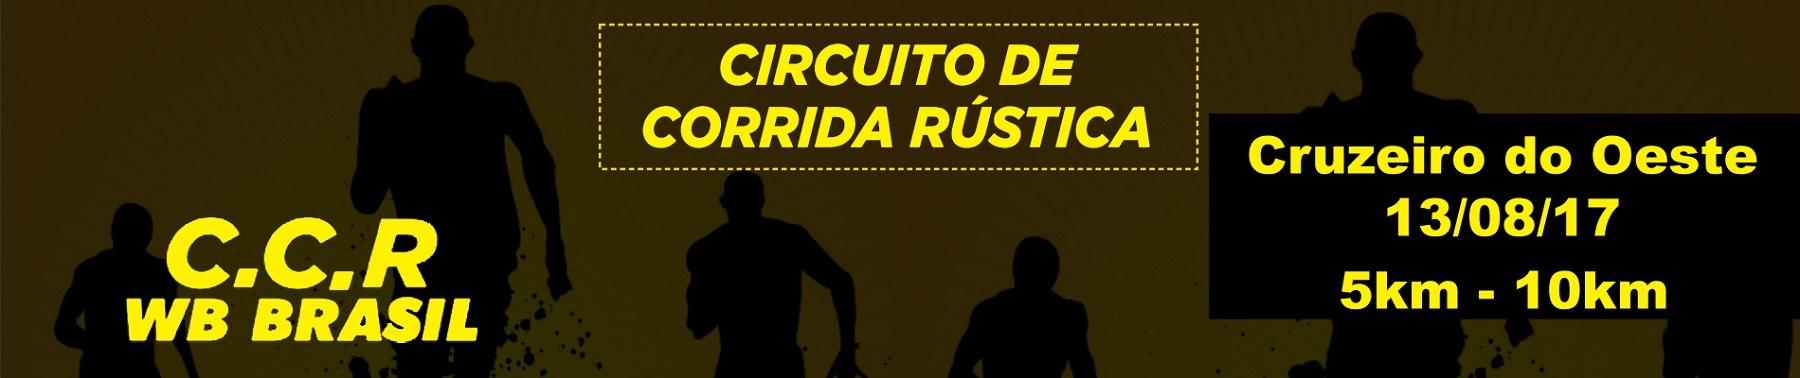 CORRIDA RÚSTICA - ETAPA CRUZEIRO DO OESTE - Imagem de topo